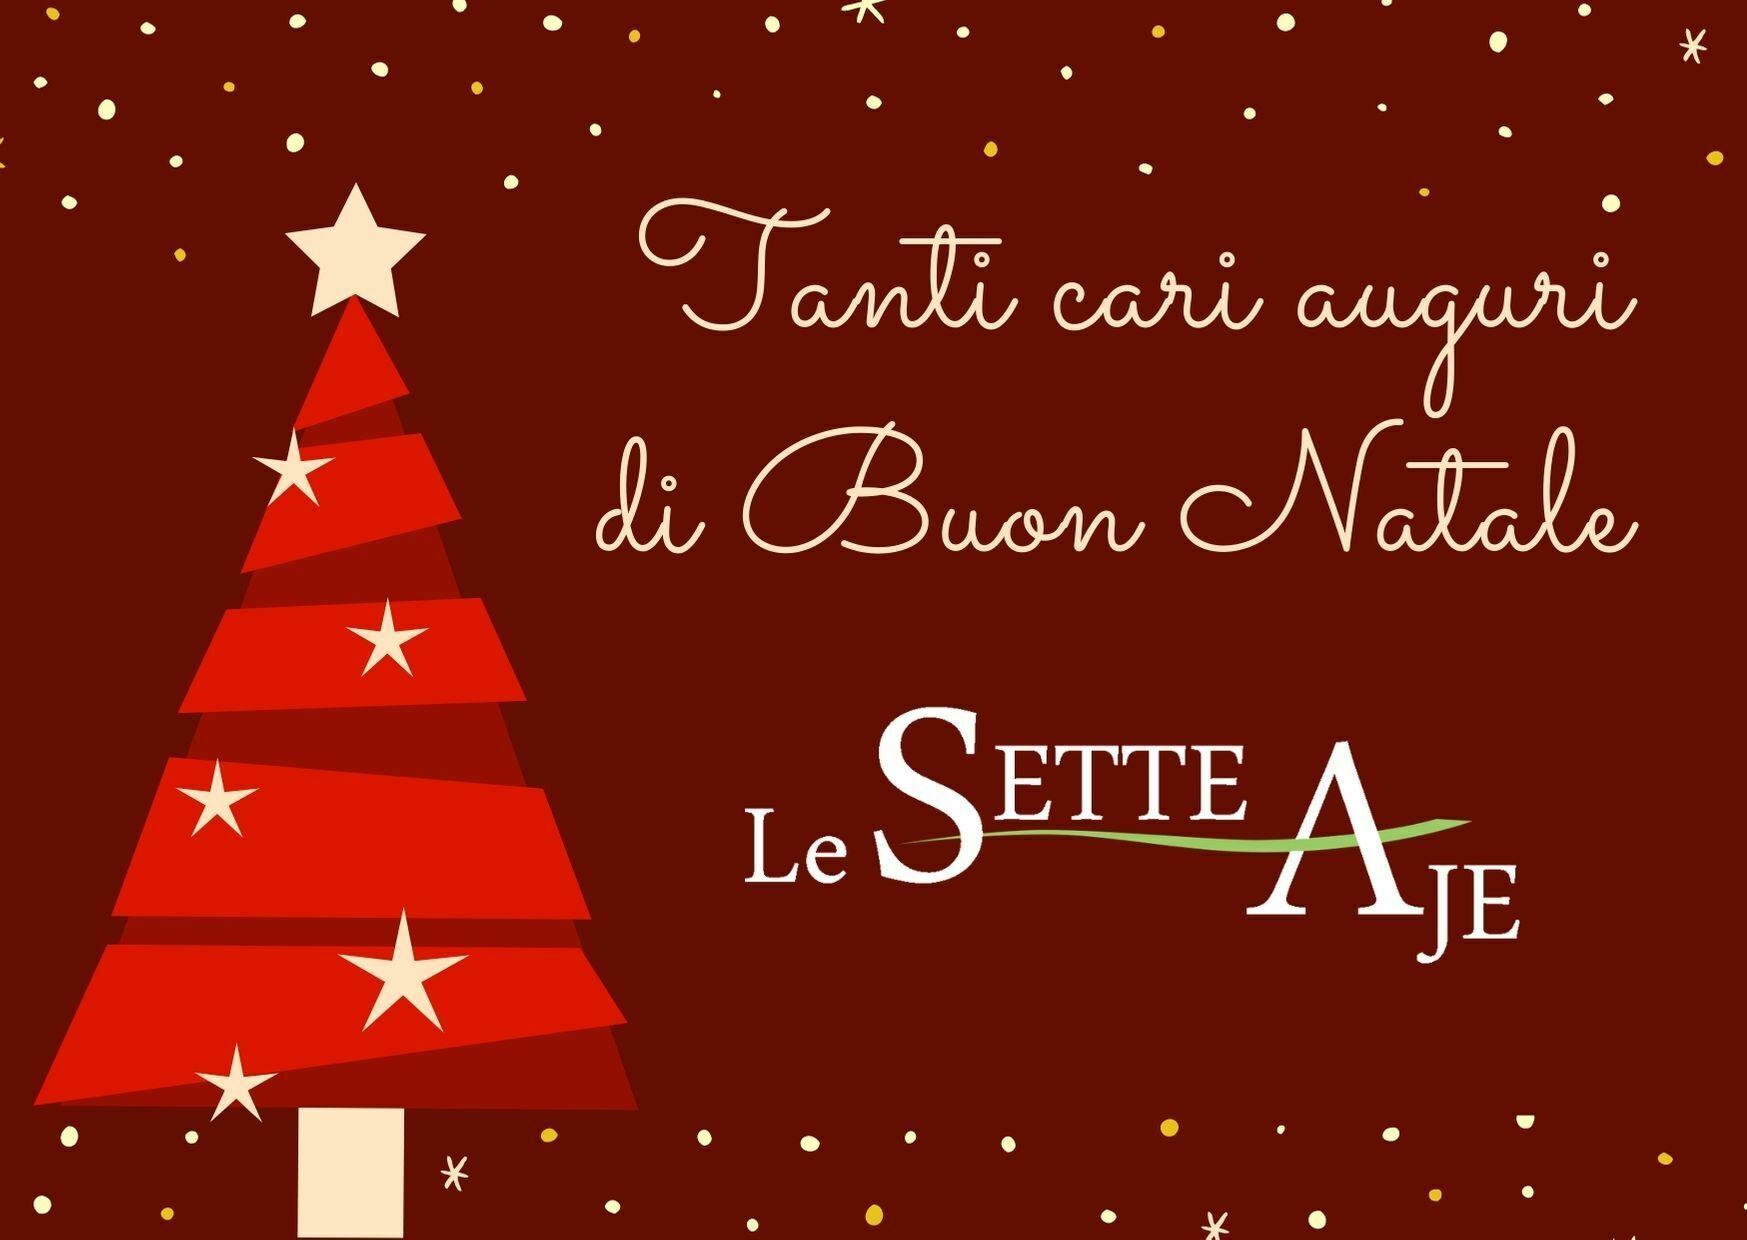 Buon Natale Le Sette Aje